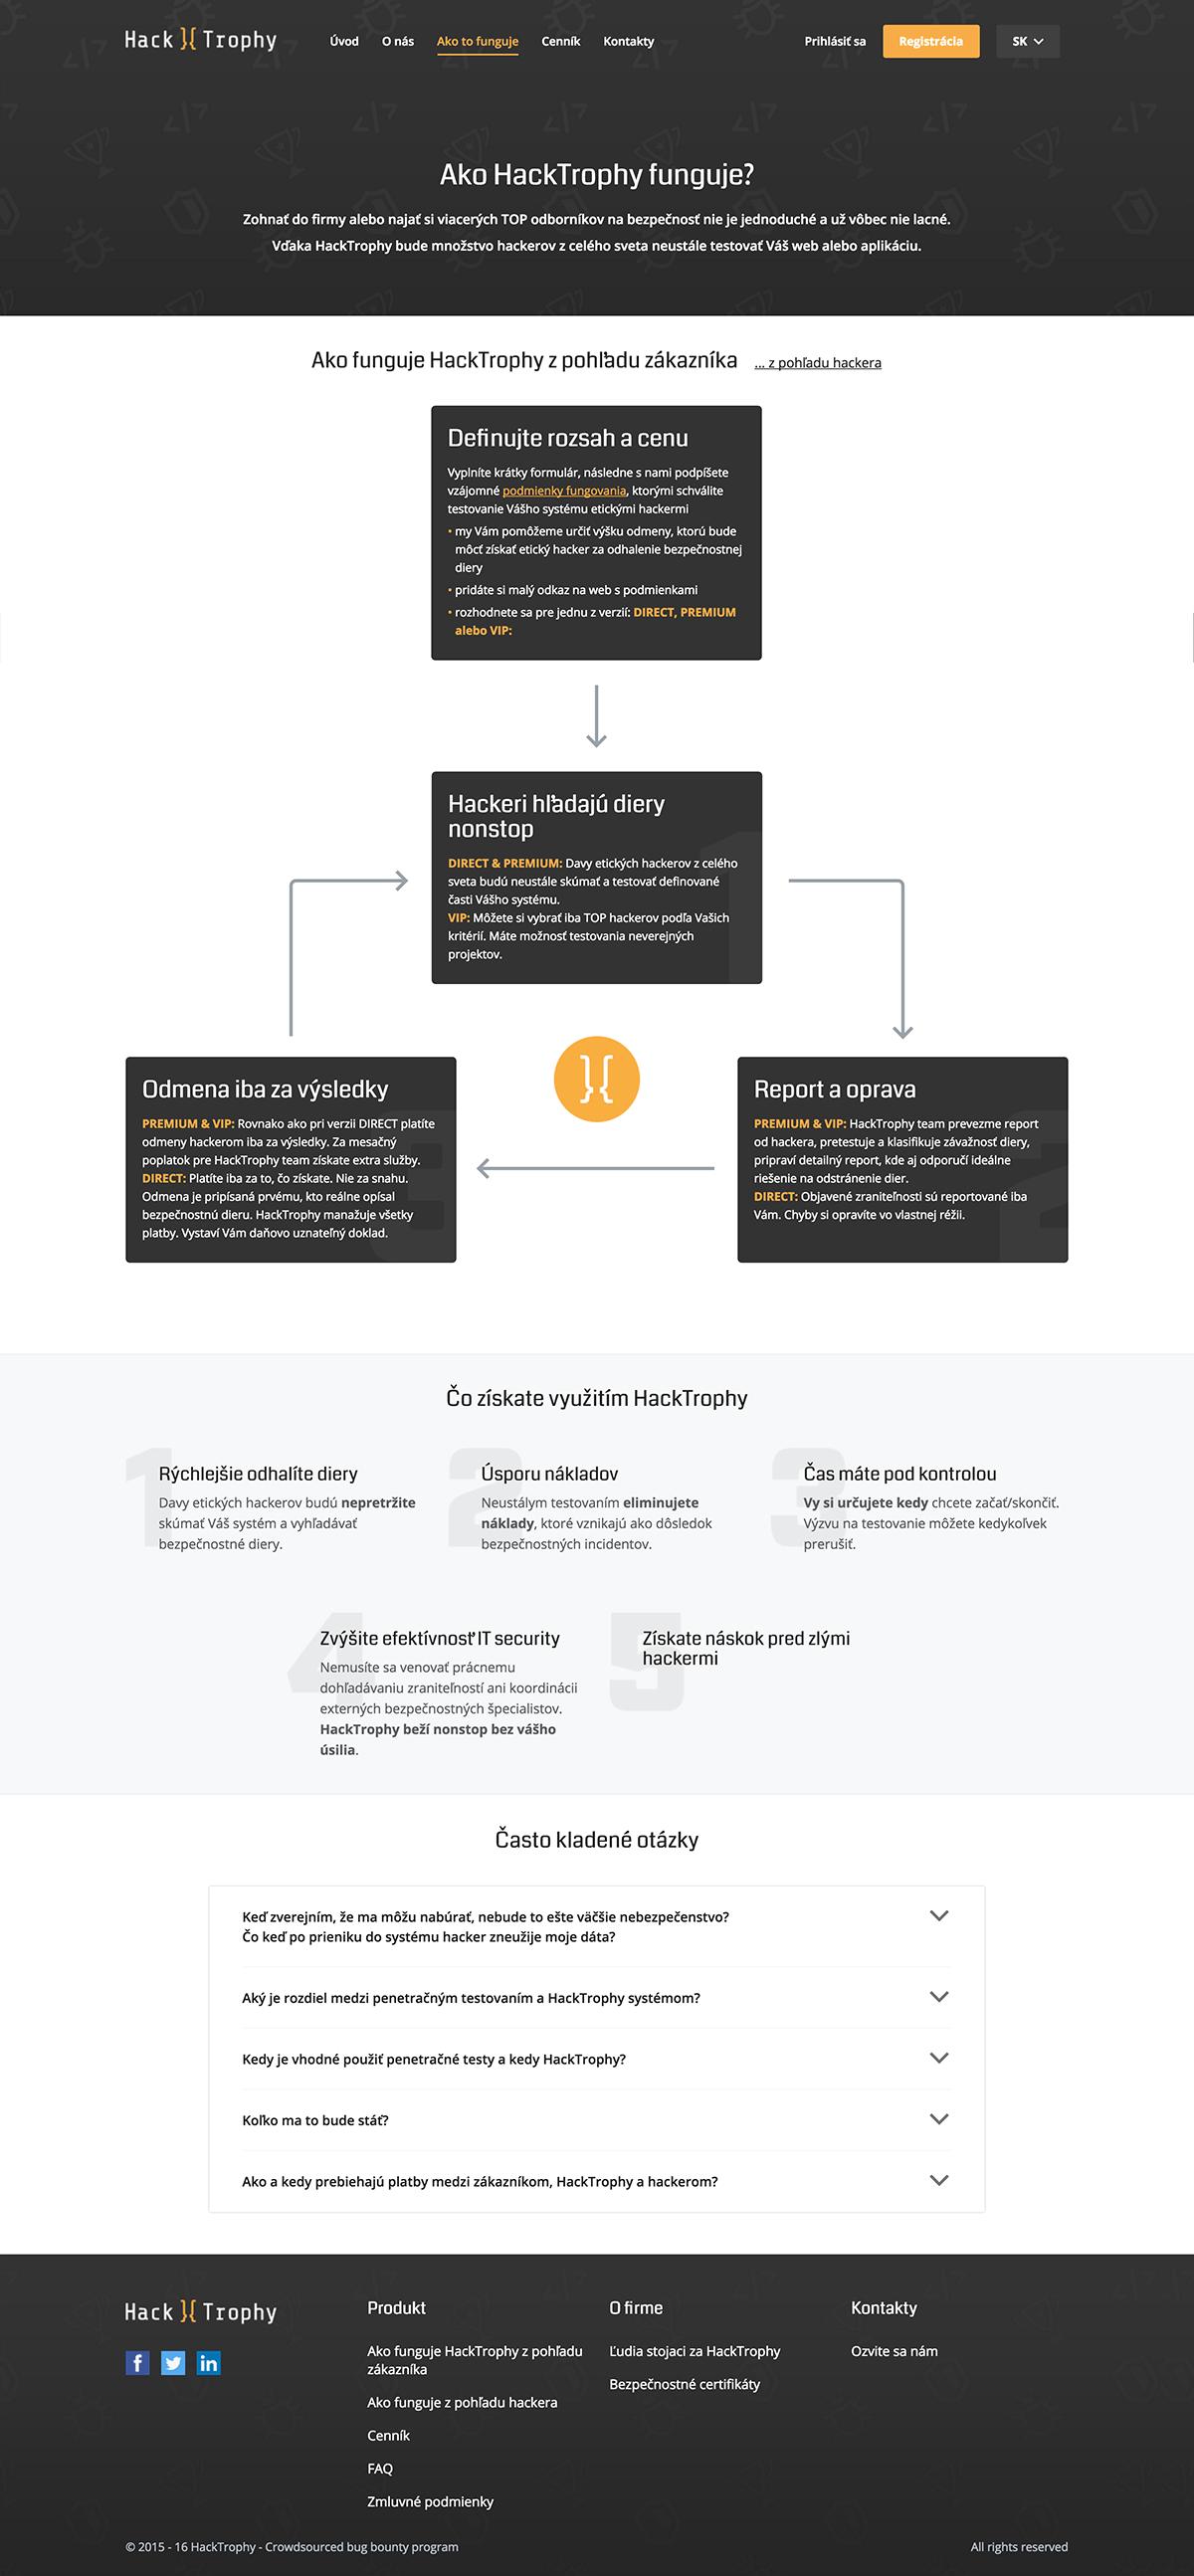 Ako to funguje zakaznik Hacktrophy.com copy